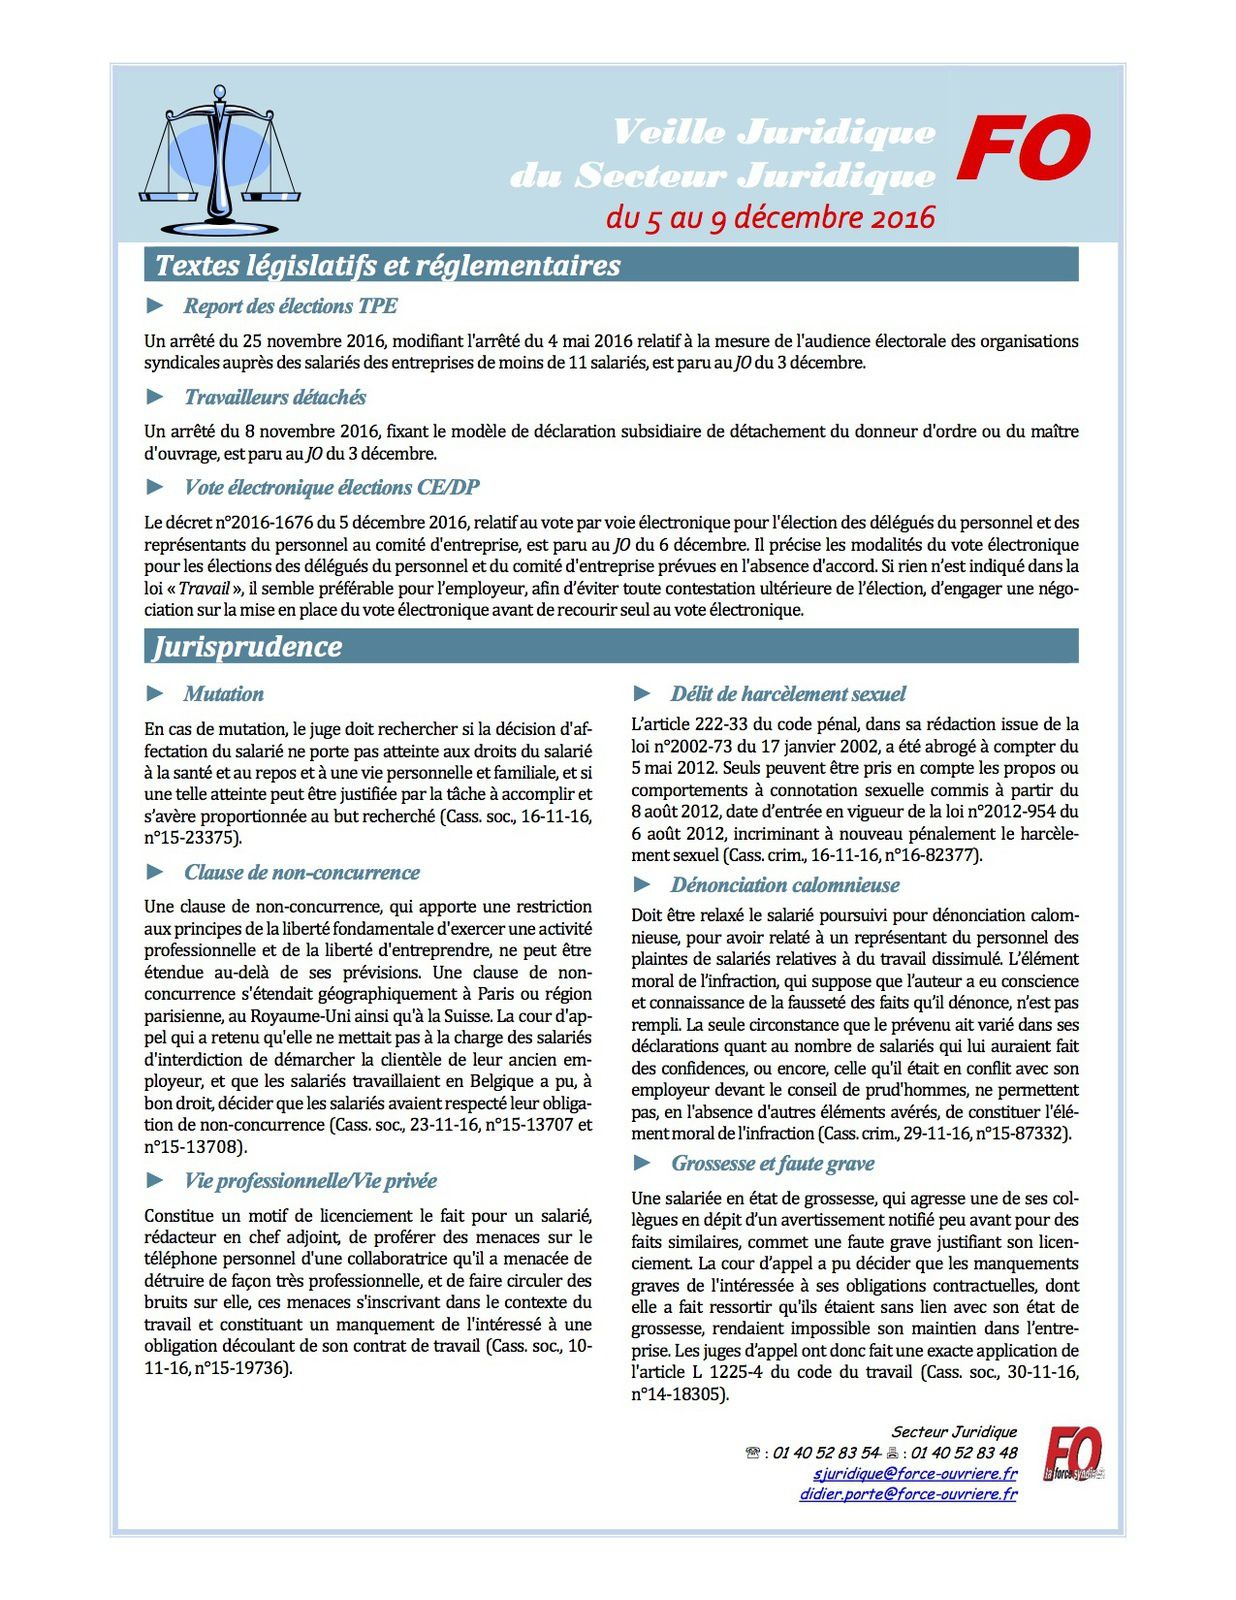 Veille Juridique du 5 au 9 décembre 2016 9 DÉCEMBRE PDF859.8 KO